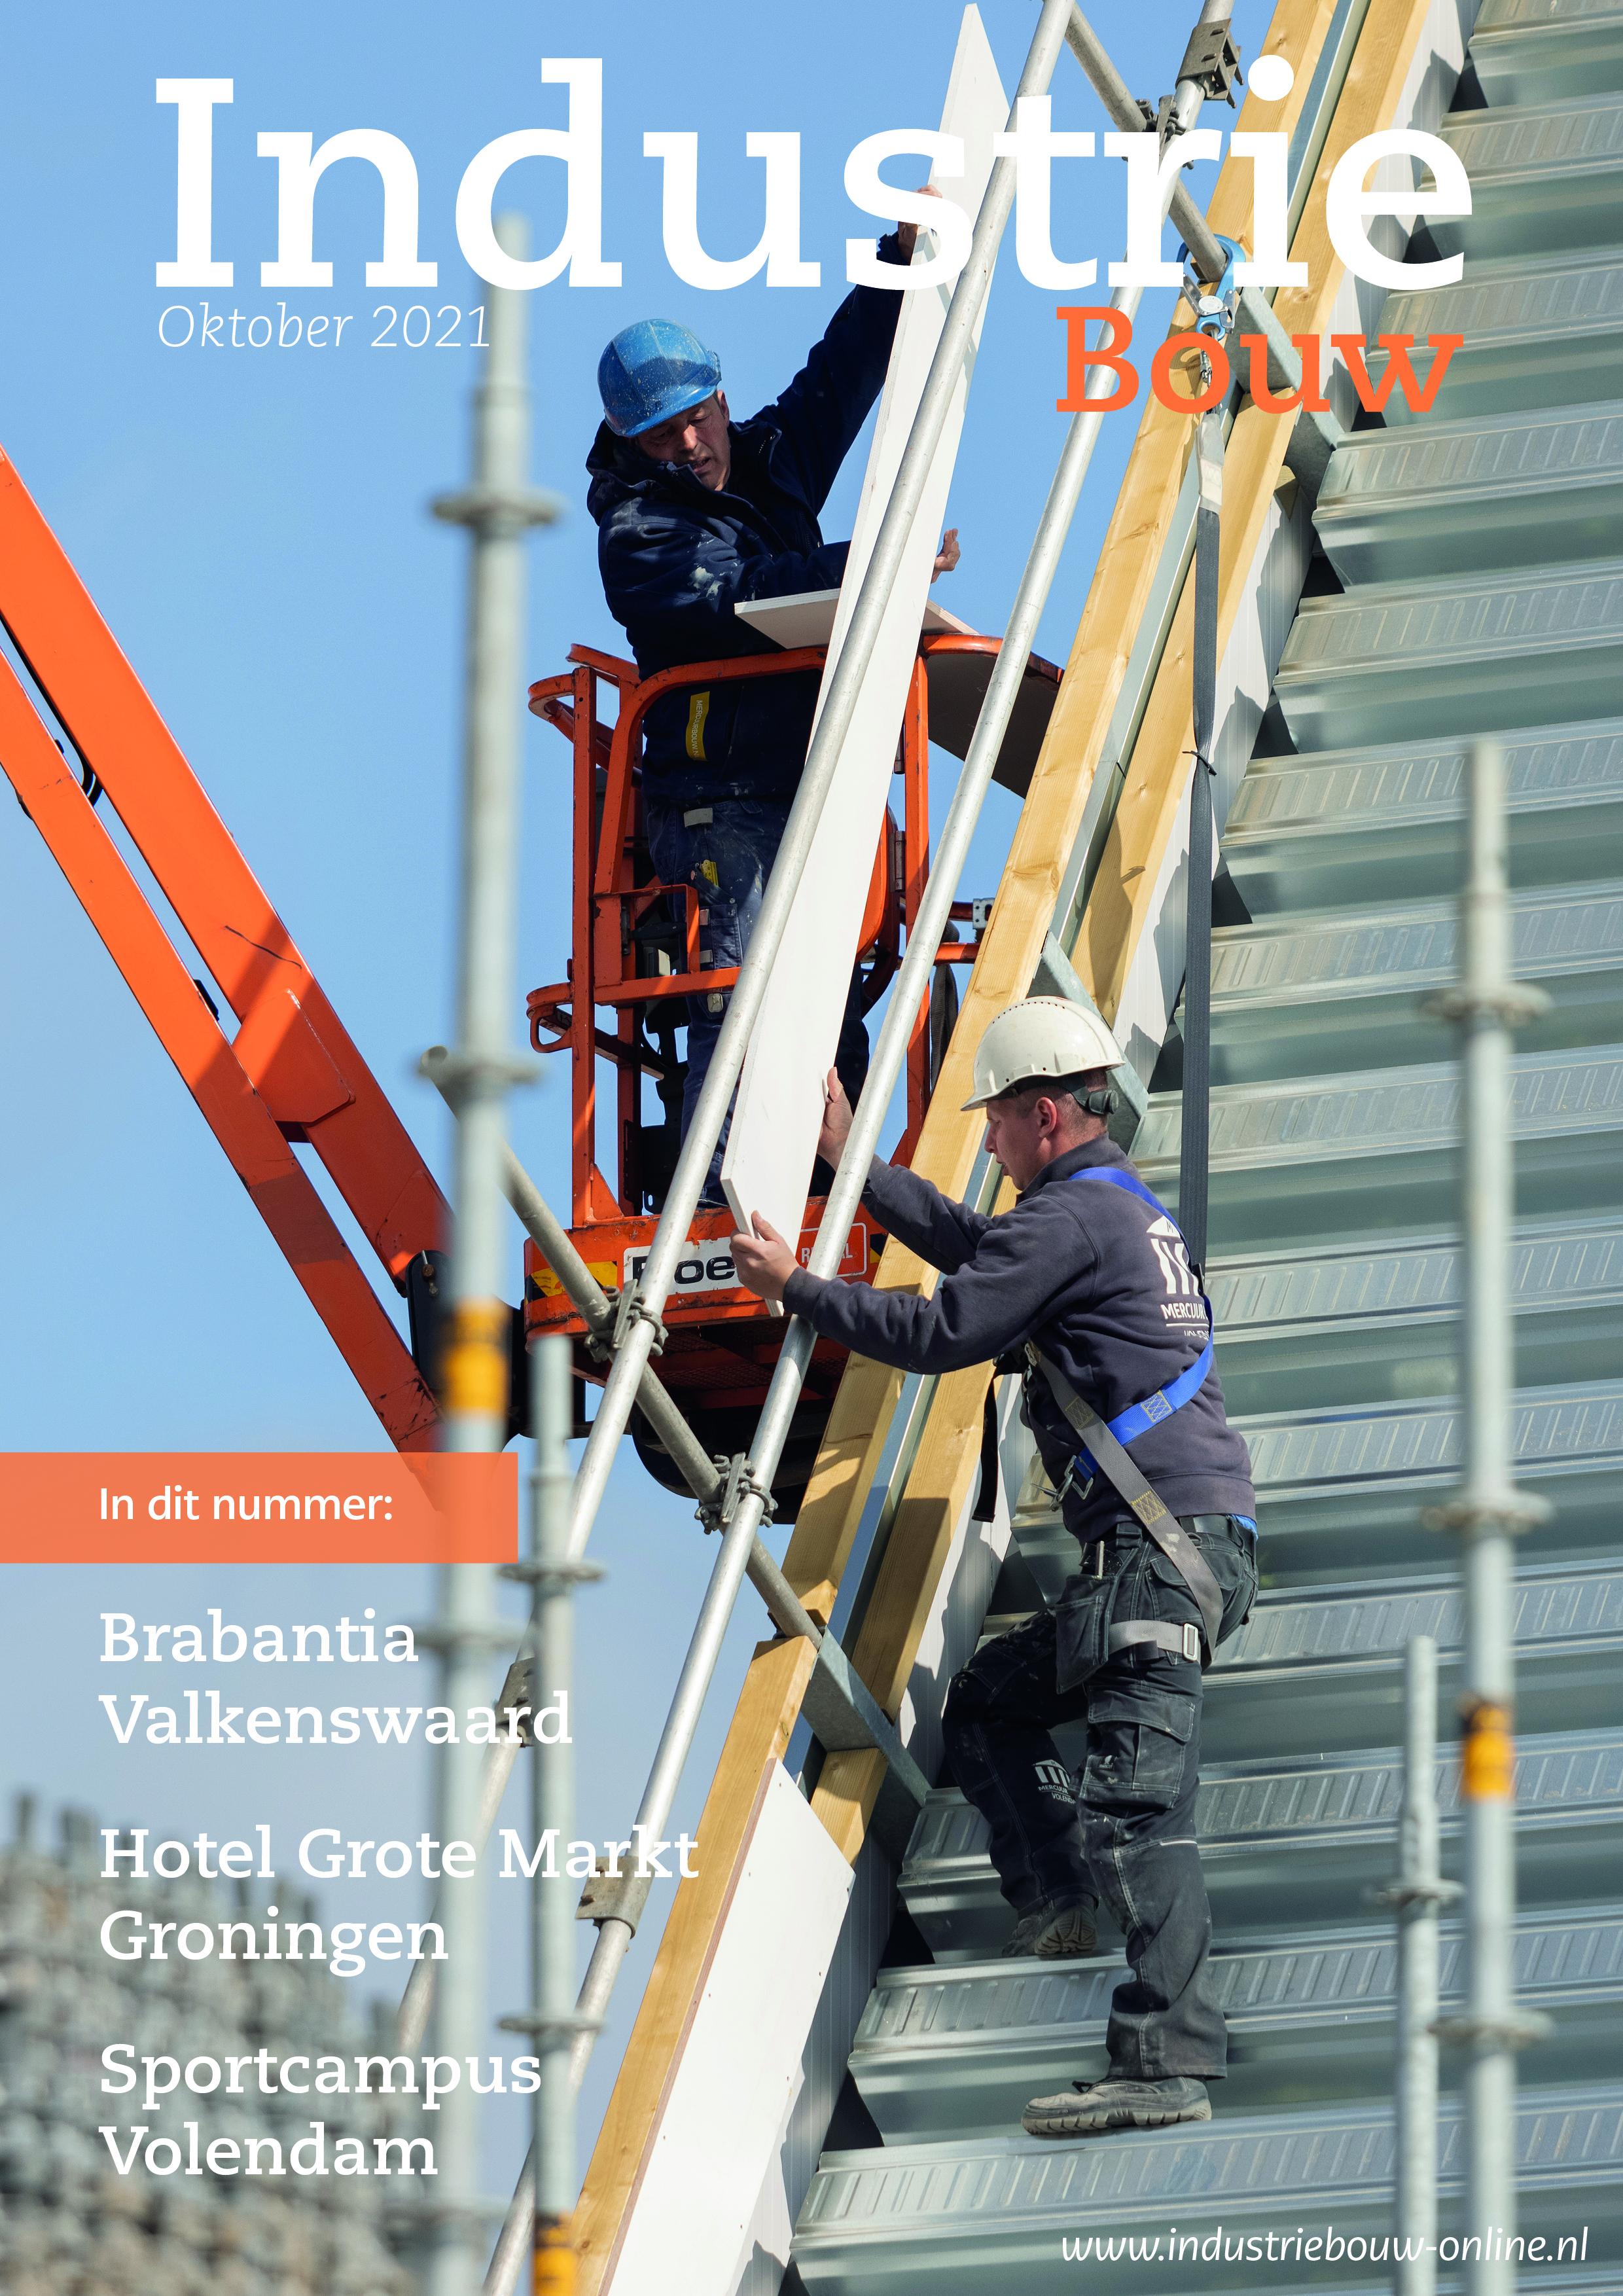 Industriebouw editie 77, oktober 2021